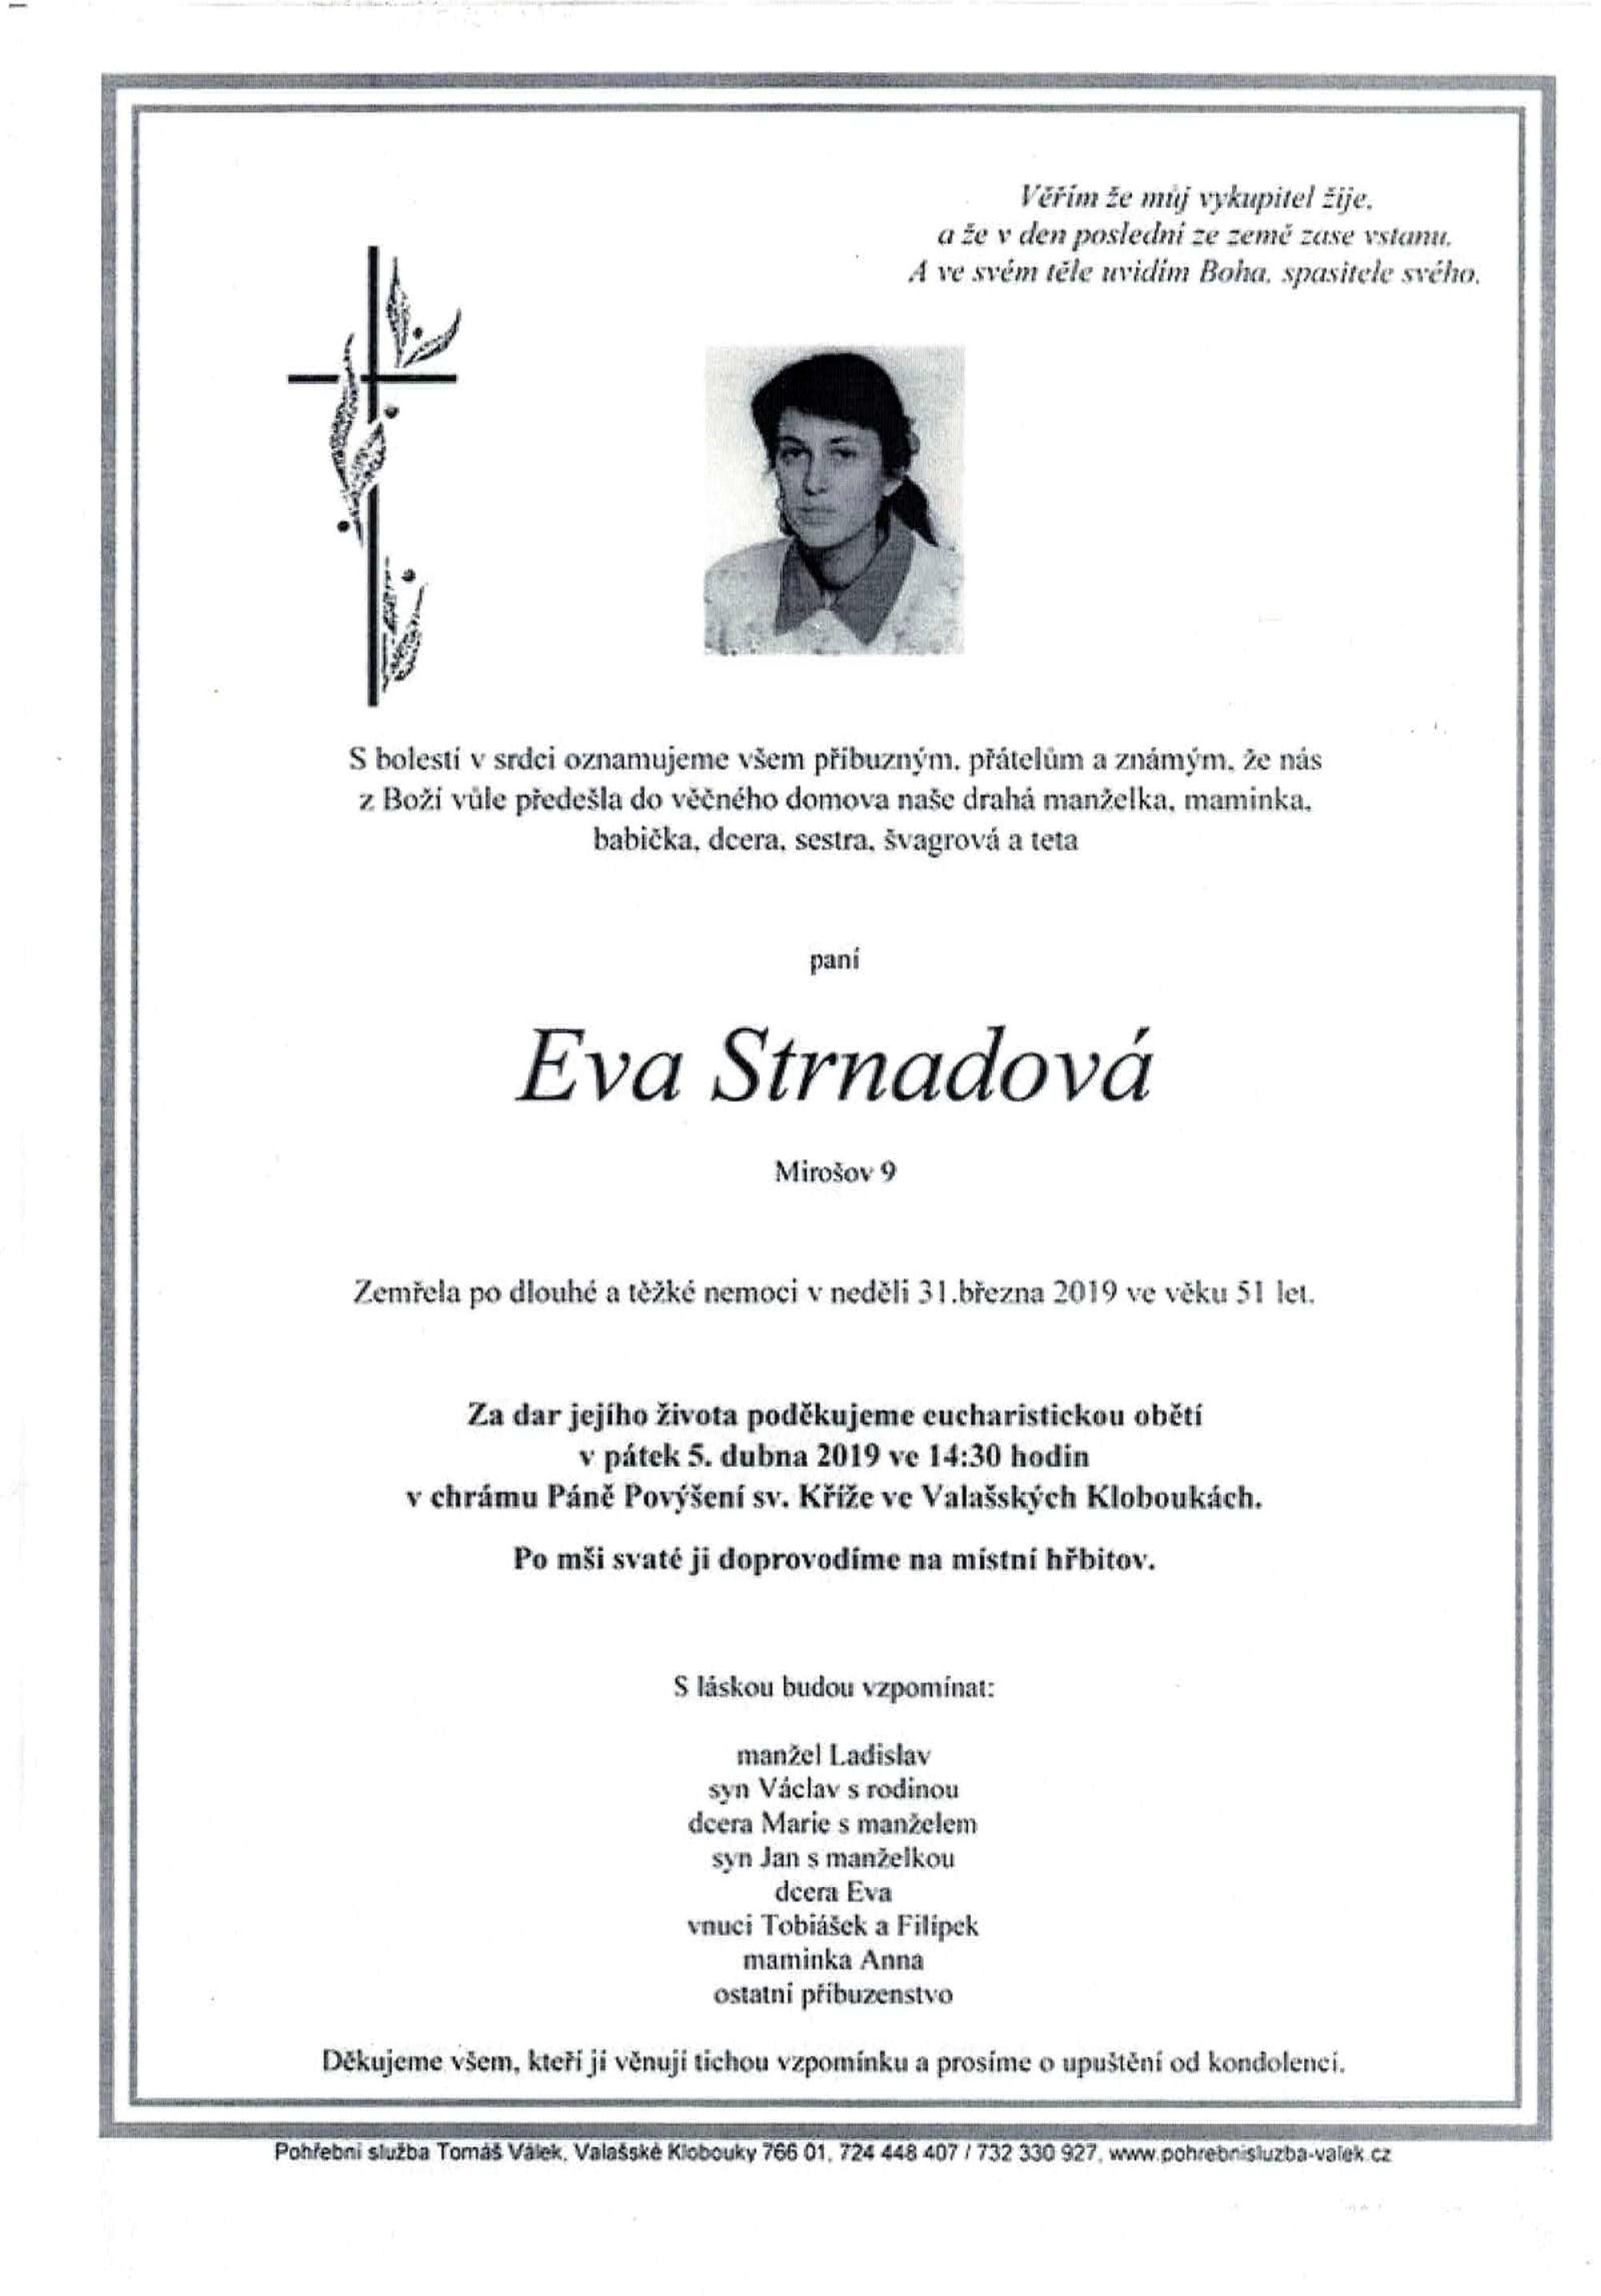 Eva Strnadová